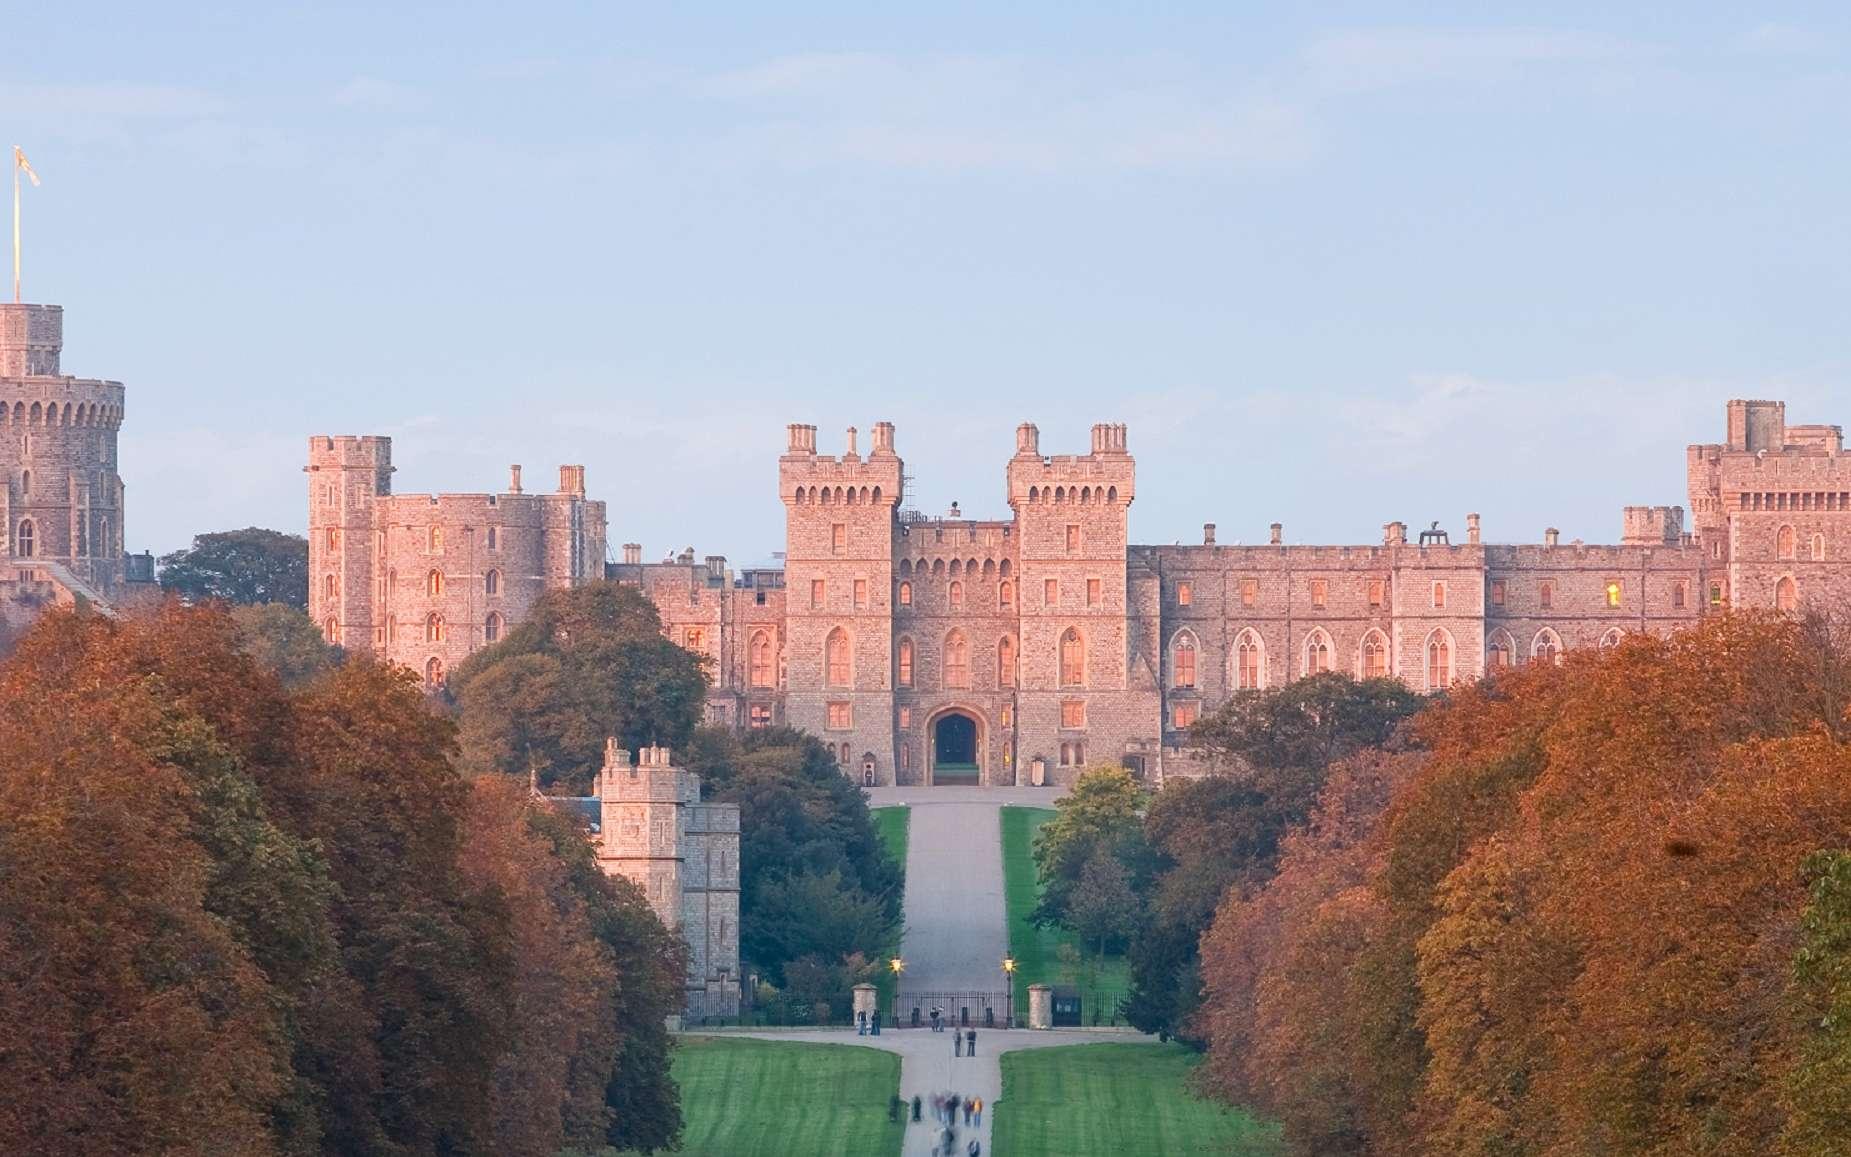 Vue du château de Windsor, résidence royale des souverains britanniques. © Wikimedia Commons, domaine public